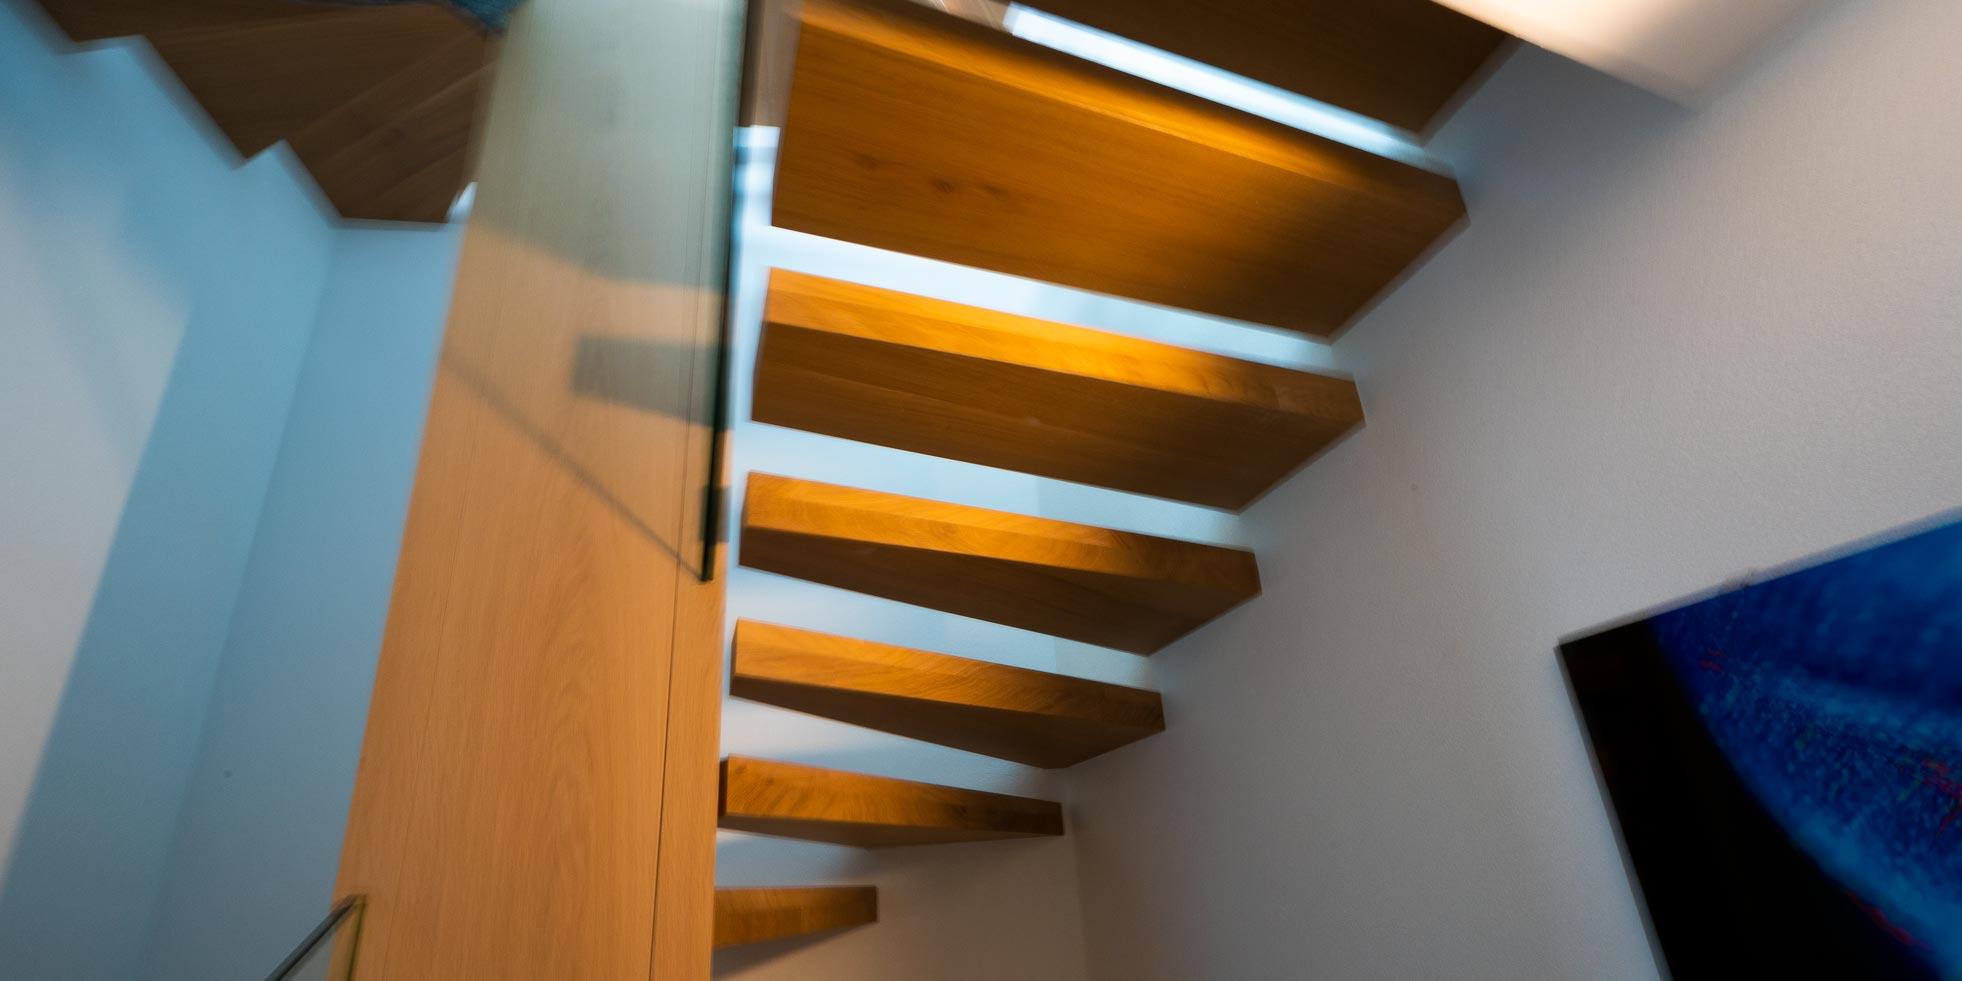 ES-Gin-7697-escalier-hor-21_01-1016